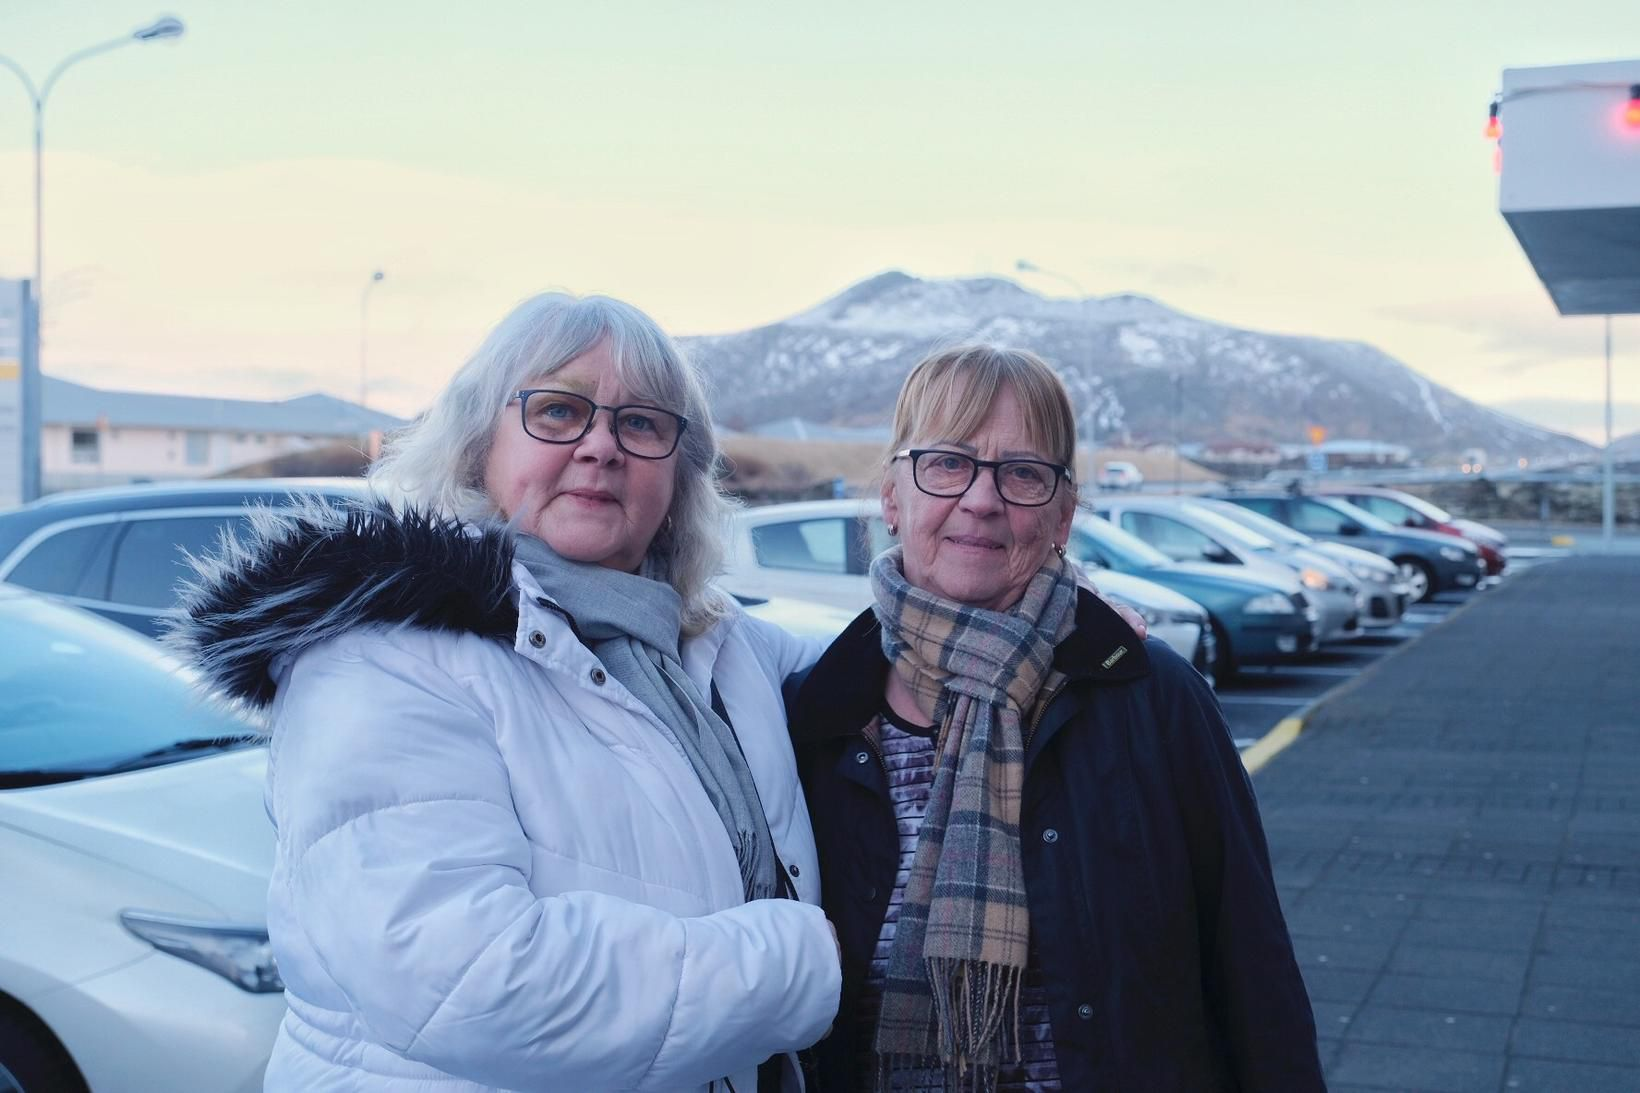 Þær Helga Þórarinsdóttir og Kristín Arnberg segjast hafa áhyggjur af …